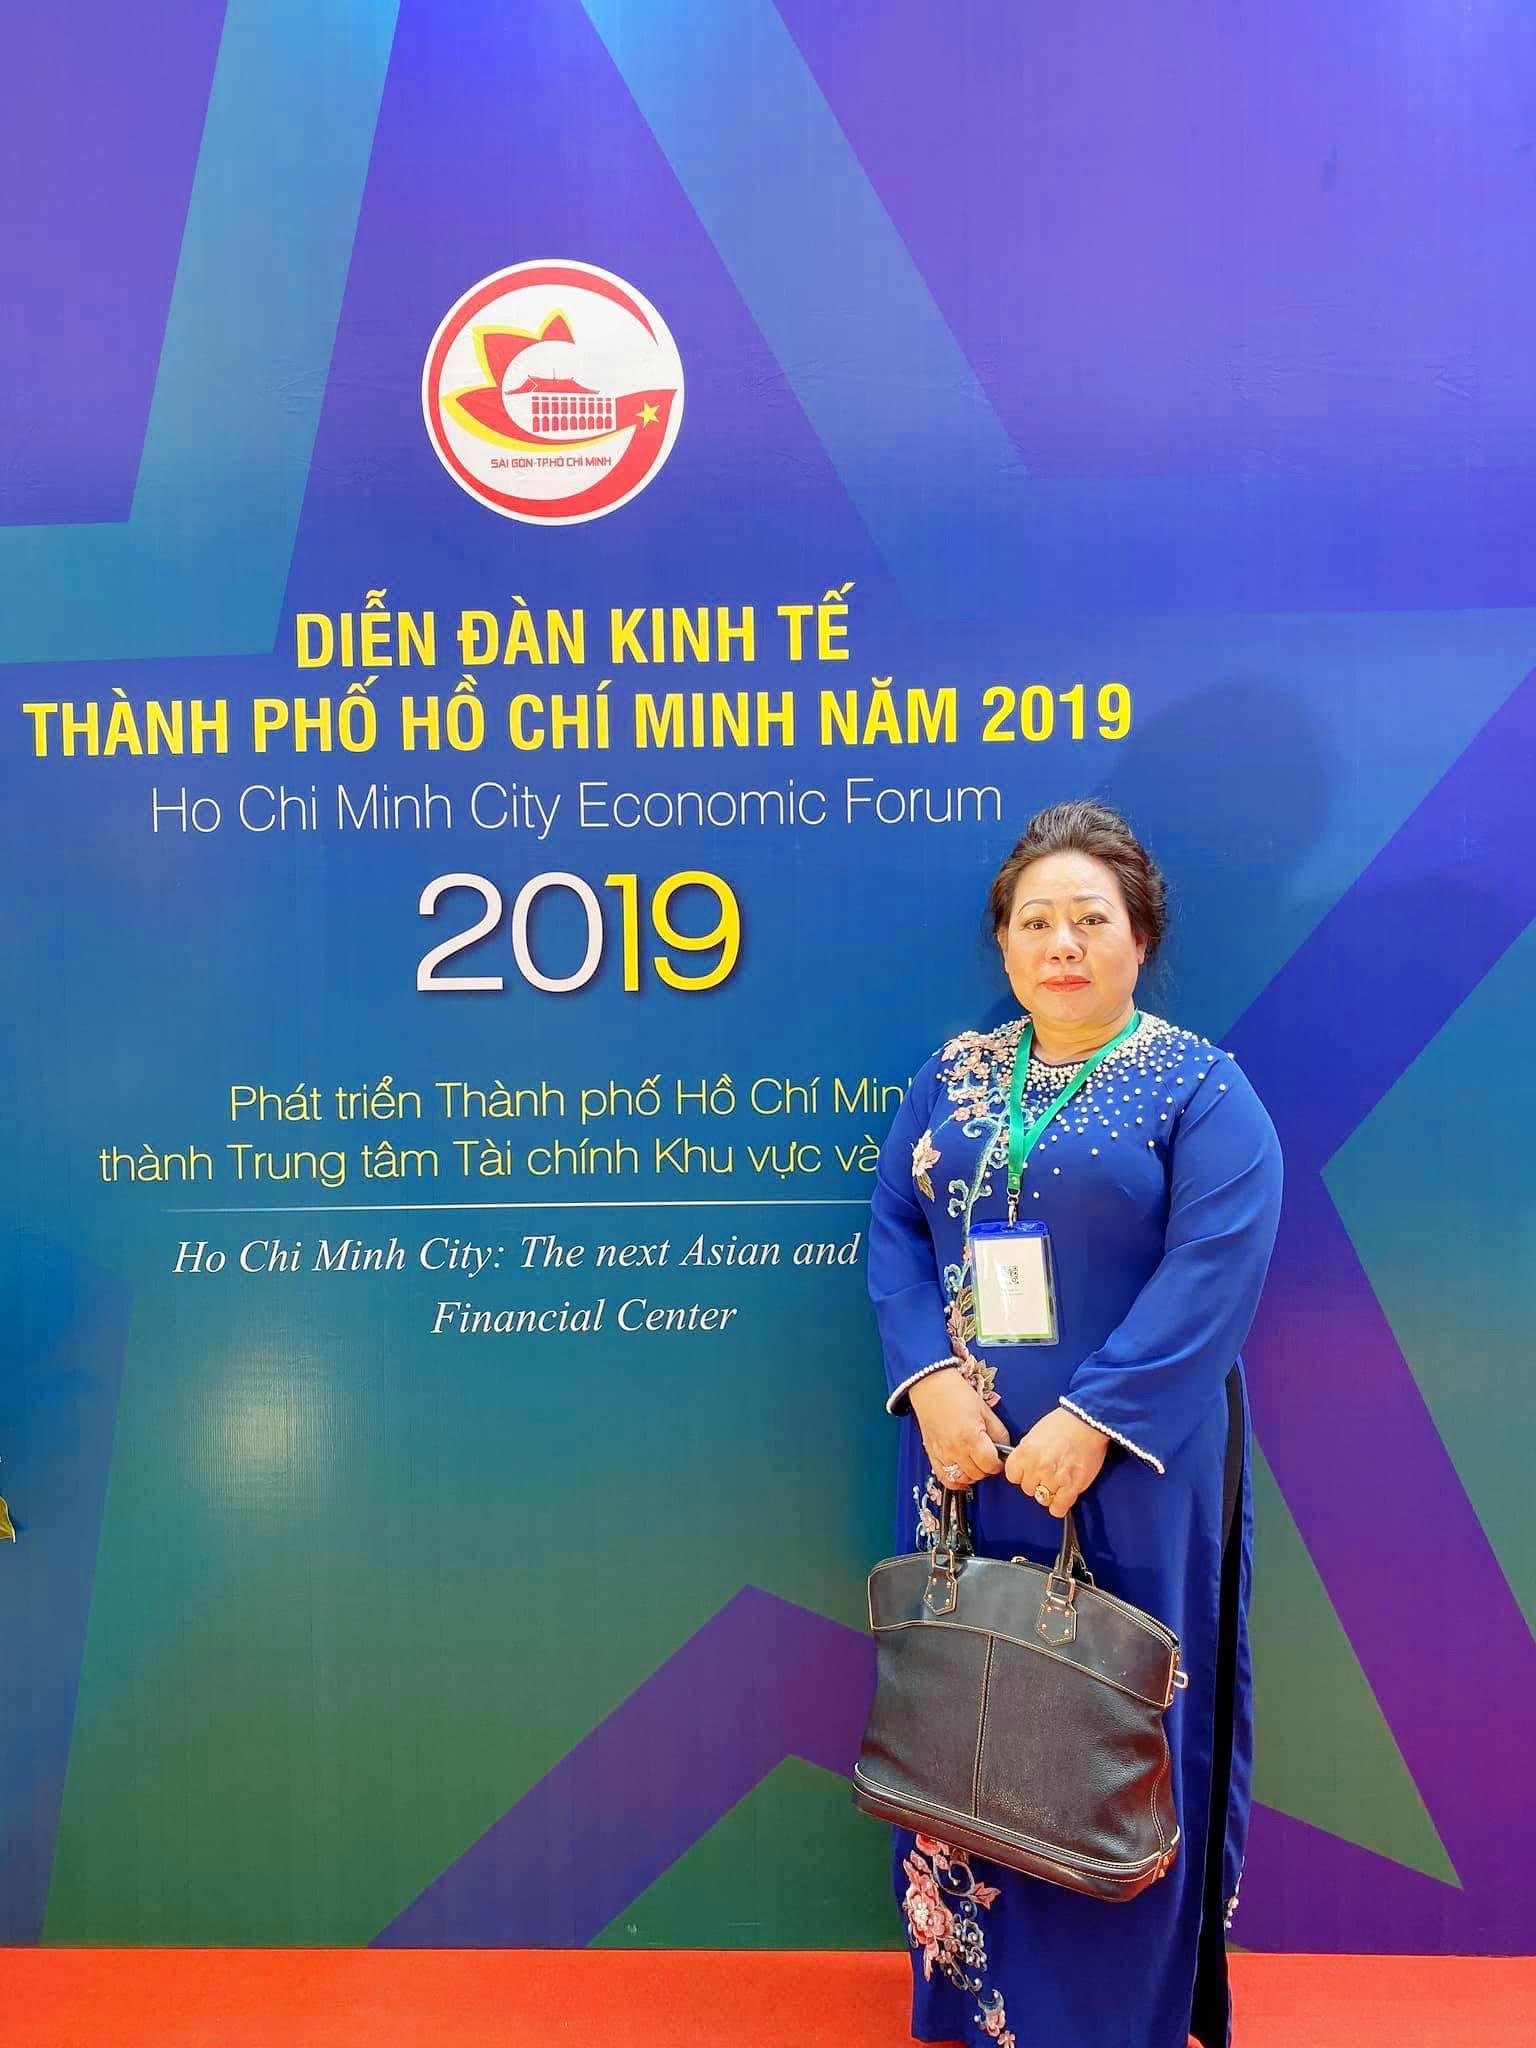 """Bà Huỳnh Kim Chi - Chủ tịch HĐQT Cty Liên doanh Bột Quốc tế Intermix: """"Đưa ẩm thực truyền thống Việt ra thế giới"""" - Ảnh 6."""